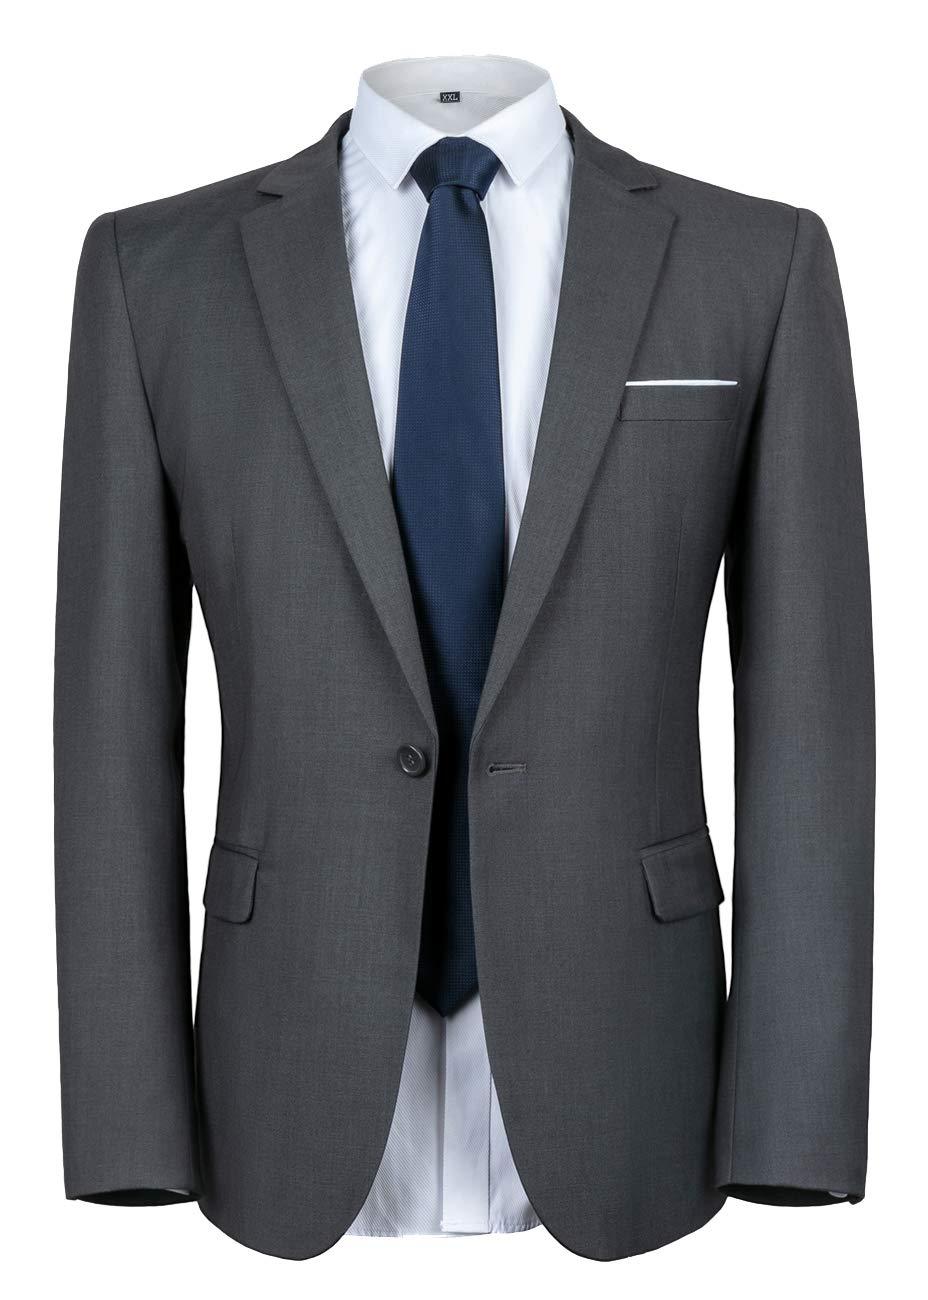 WULFUL Men's Suit Jacket One Button Slim Fit Sport Coat Casual Blazer Jacket Dark Grey by WULFUL